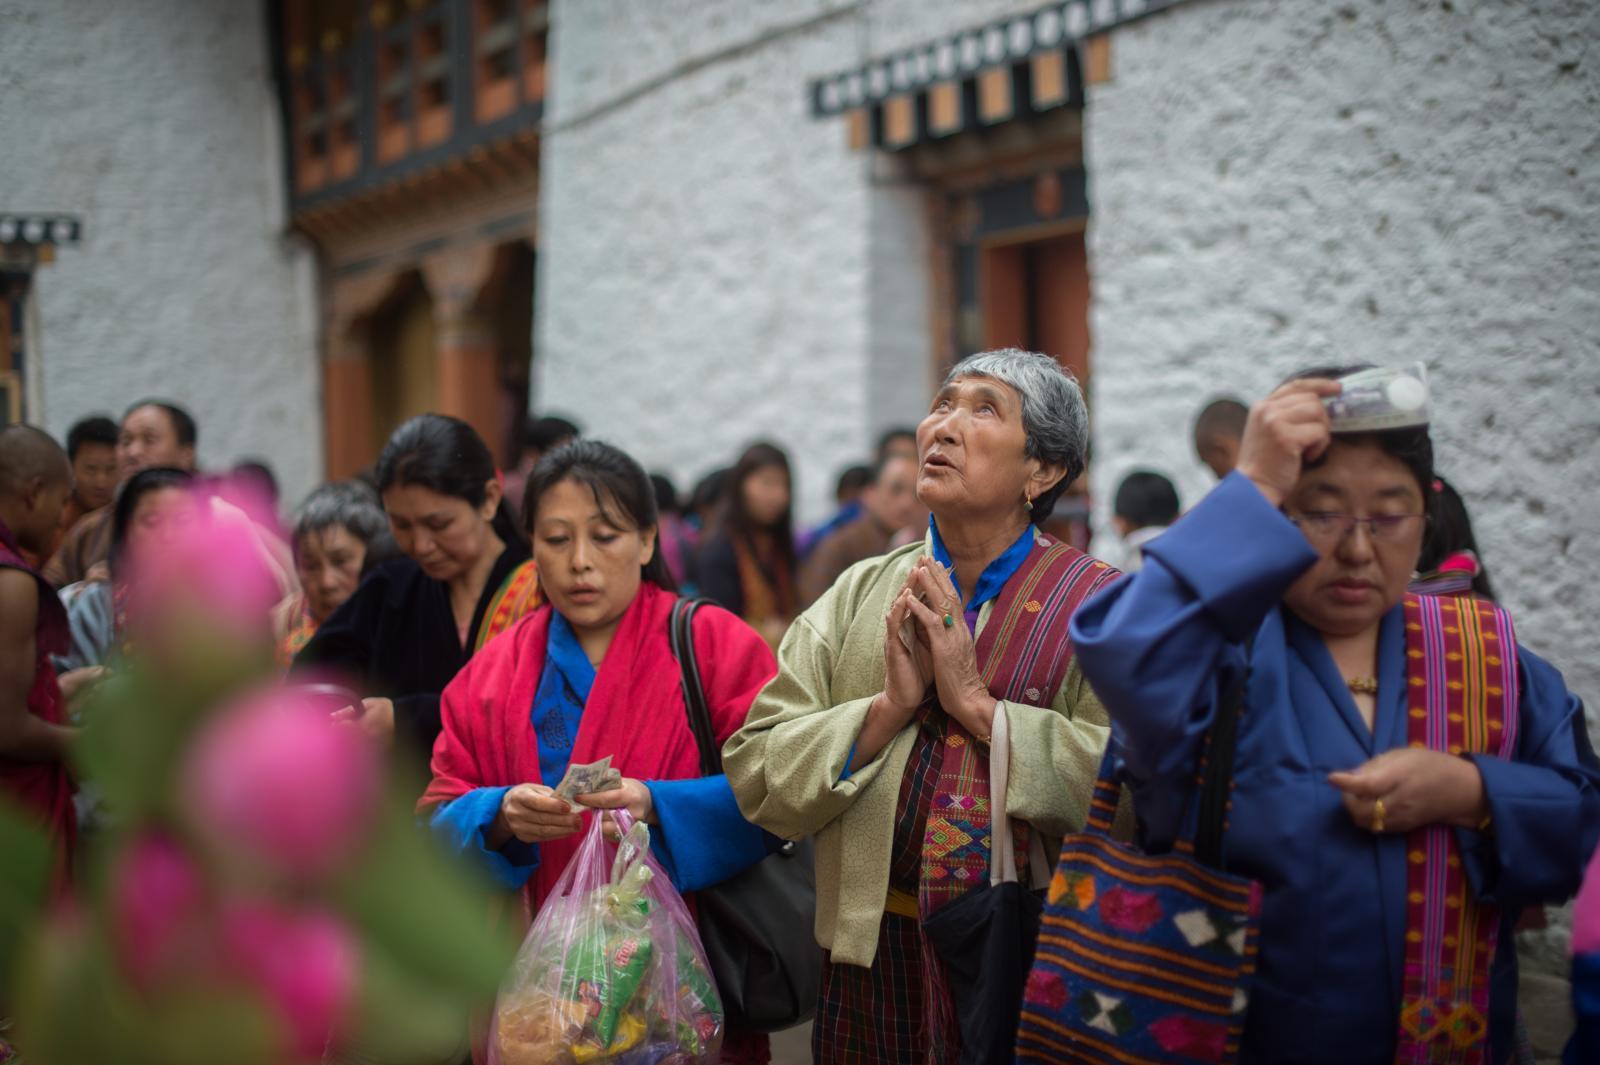 """""""โลกร้อน"""" มหัตภัยร้ายที่กำลังคืบคลานเข้าสู่ """"ภูฏาน"""" ทั้งที่ปล่อยคาร์บอนไดออกไซด์เท่ากับศูนย์"""